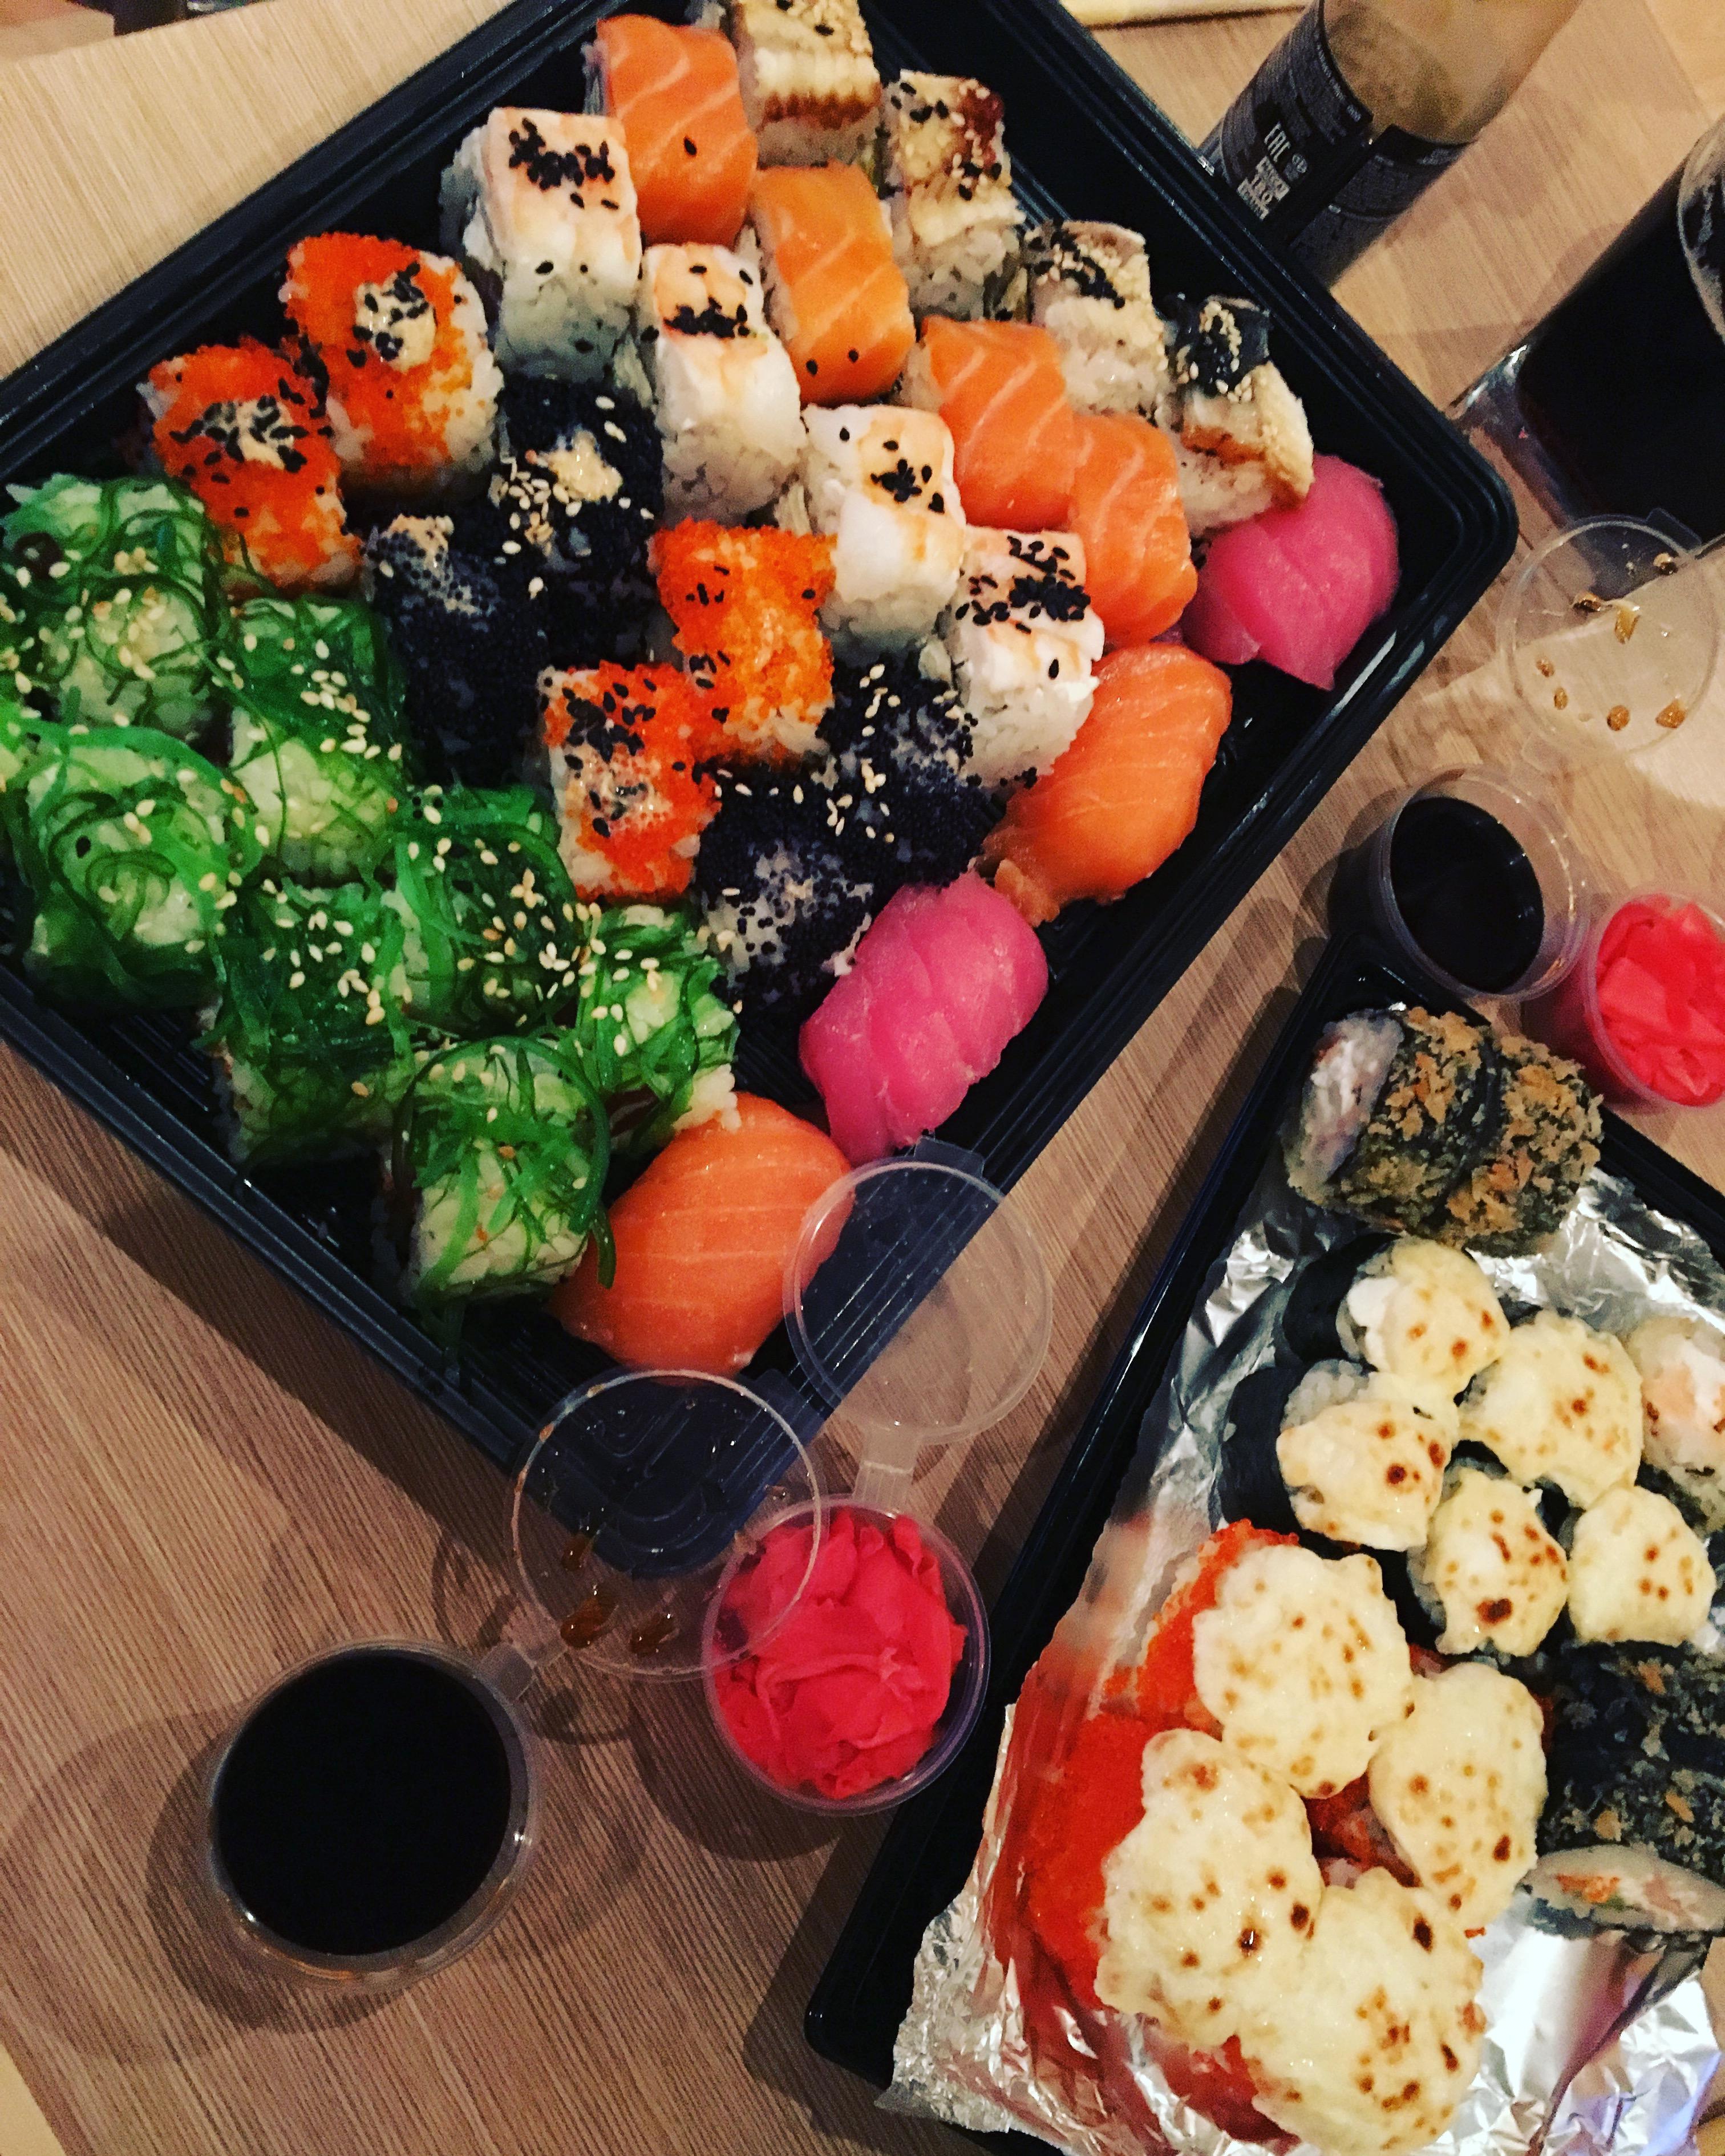 менее фото кухни суши на вынос добротный, желтую краску